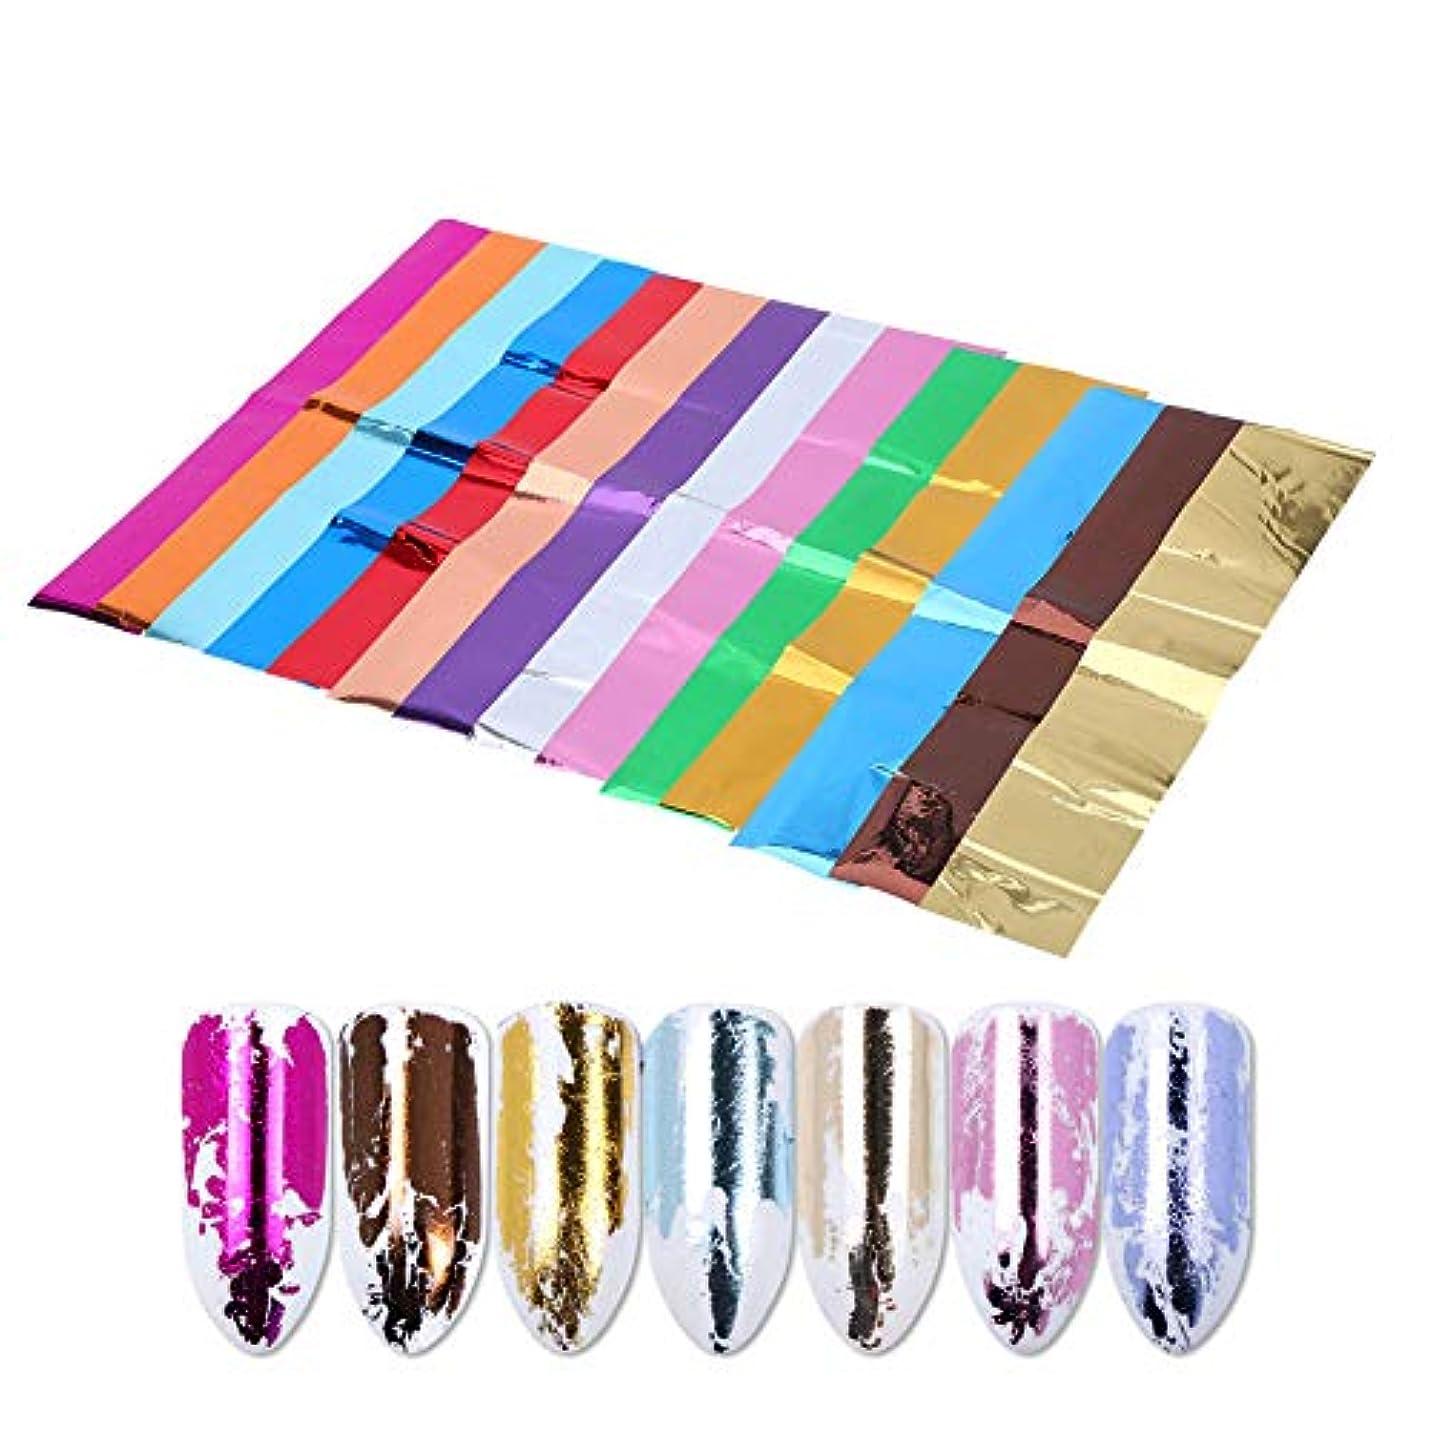 ブルジョンビーズ目を覚ますソリッドカラーのネイルアップリケ、偽ネイル用の光沢のある装飾的なステッカーの14個/セット